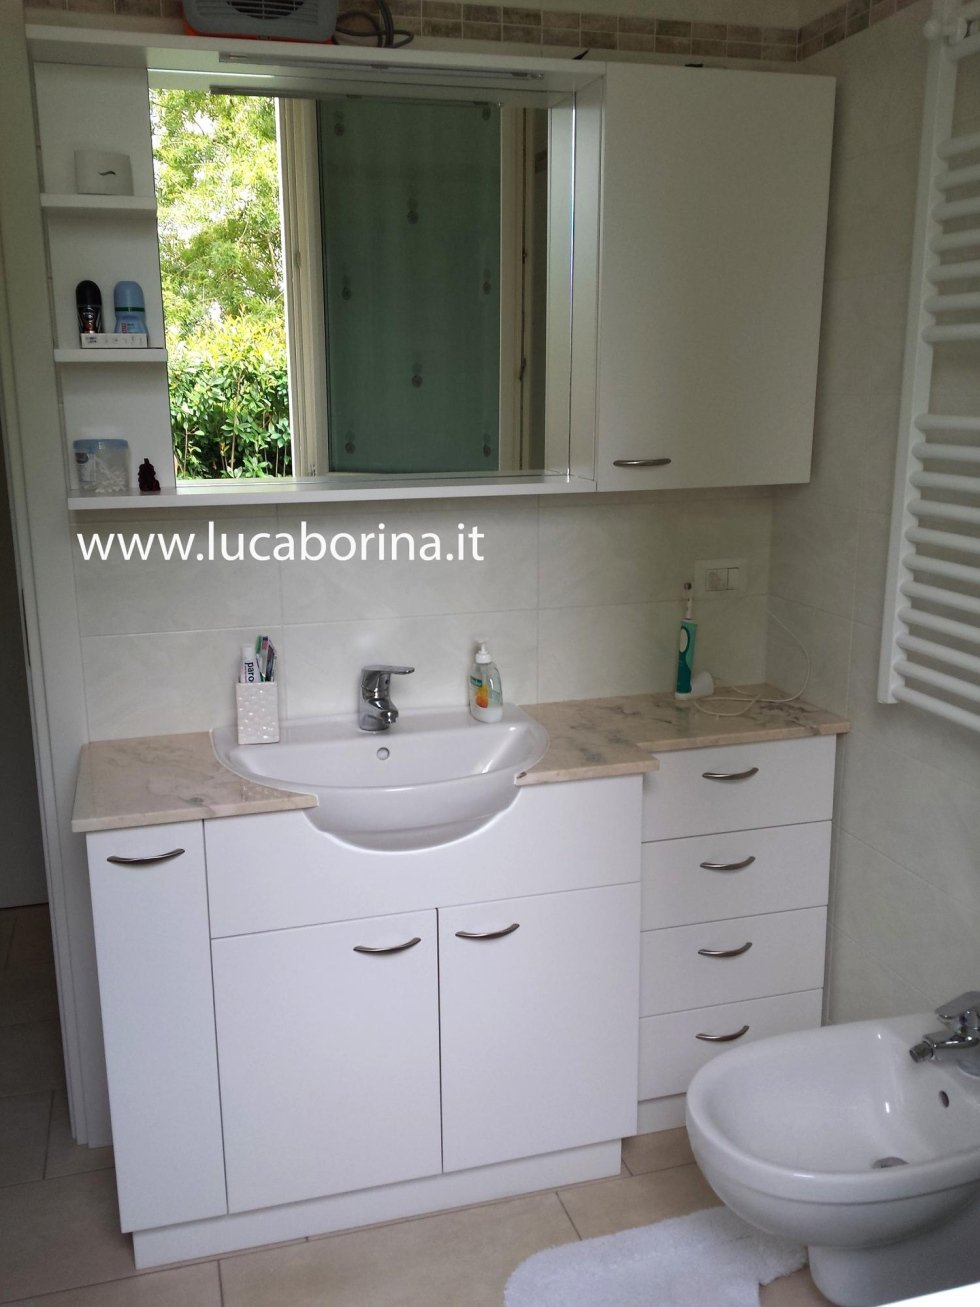 un mobile da lavabo di color bianco con dei cassetti e uno specchio